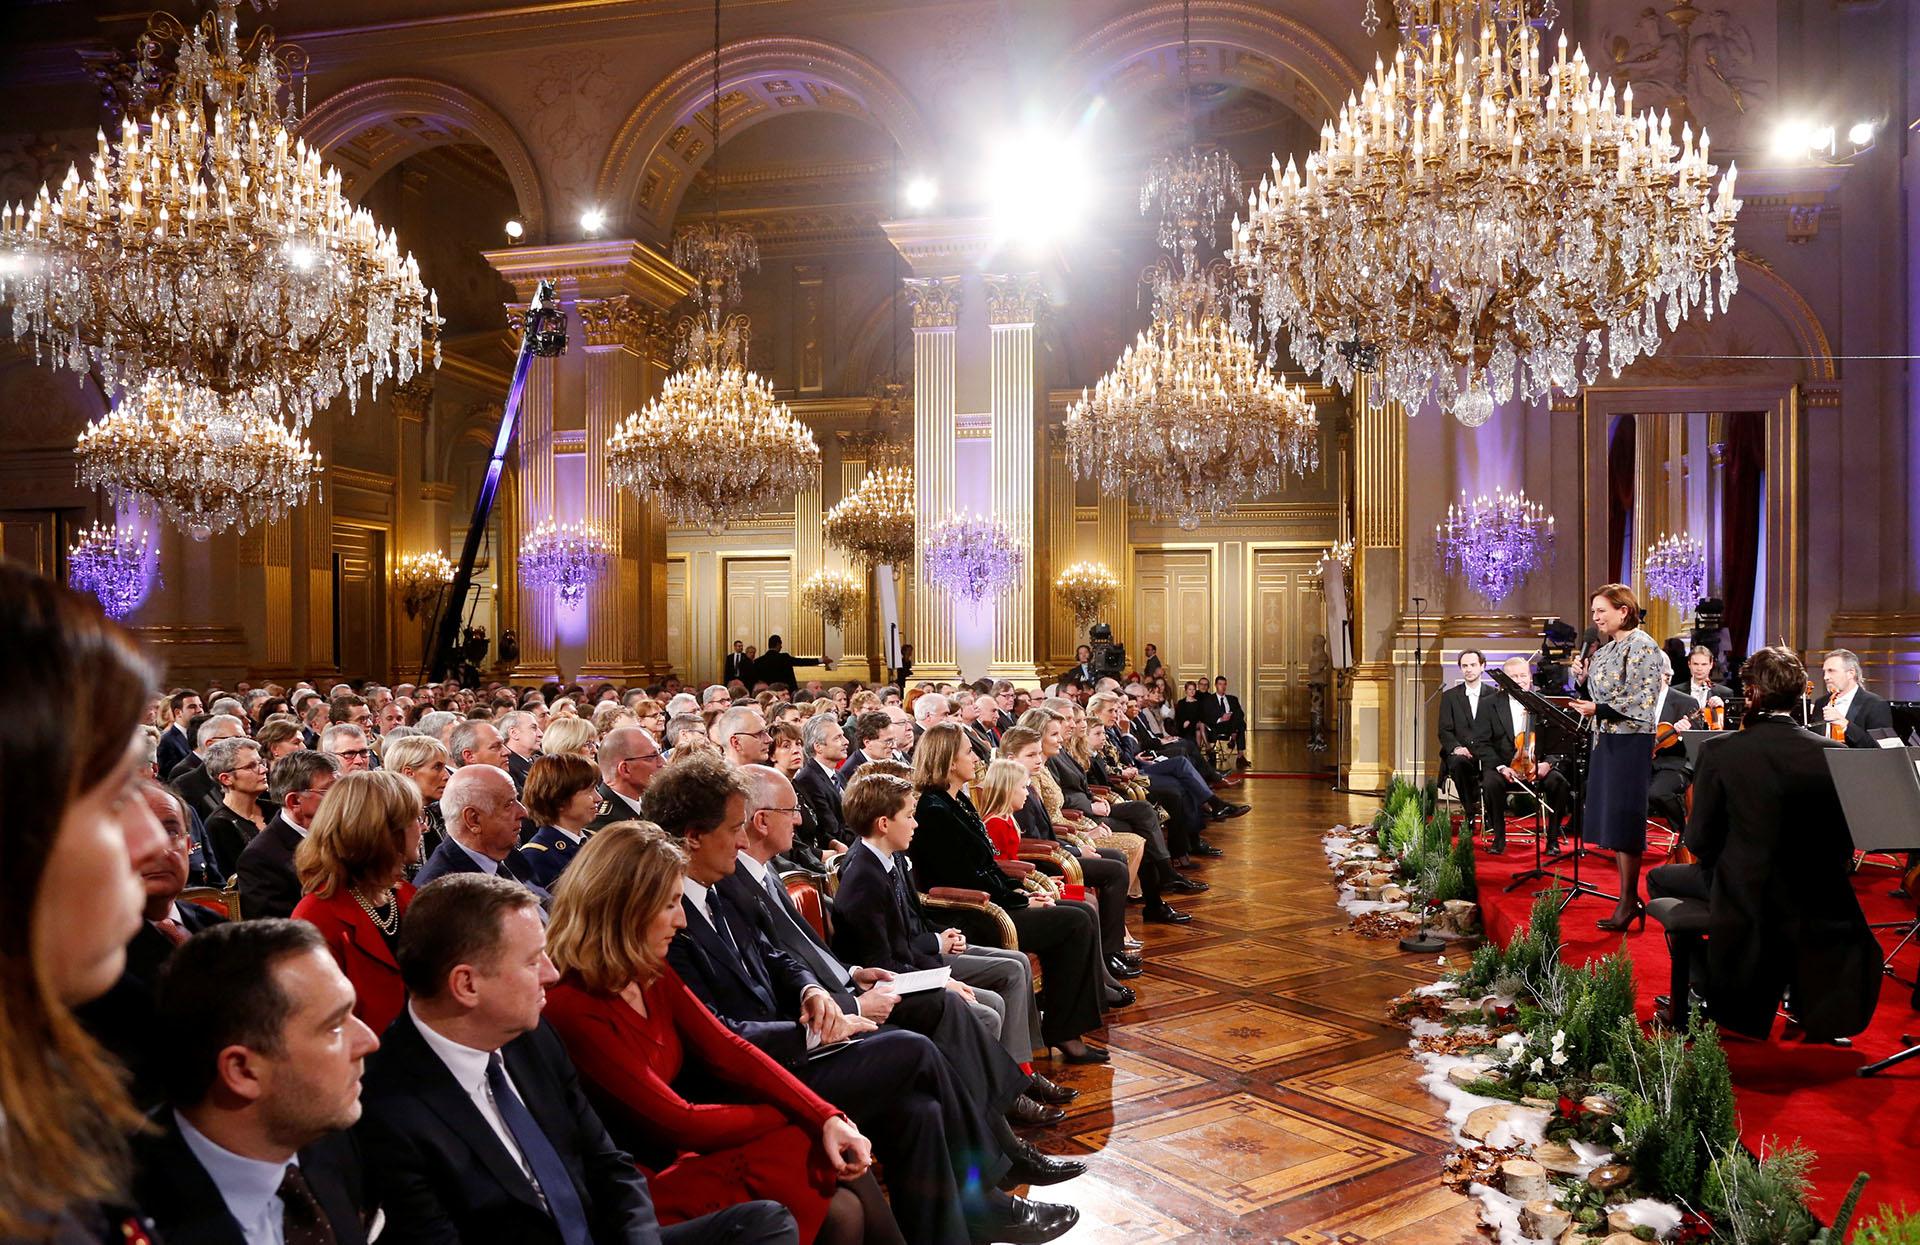 El concierto de Navidad que cada año tiene lugar en uno de los imponentes salones del Palacio Real de Bruselas